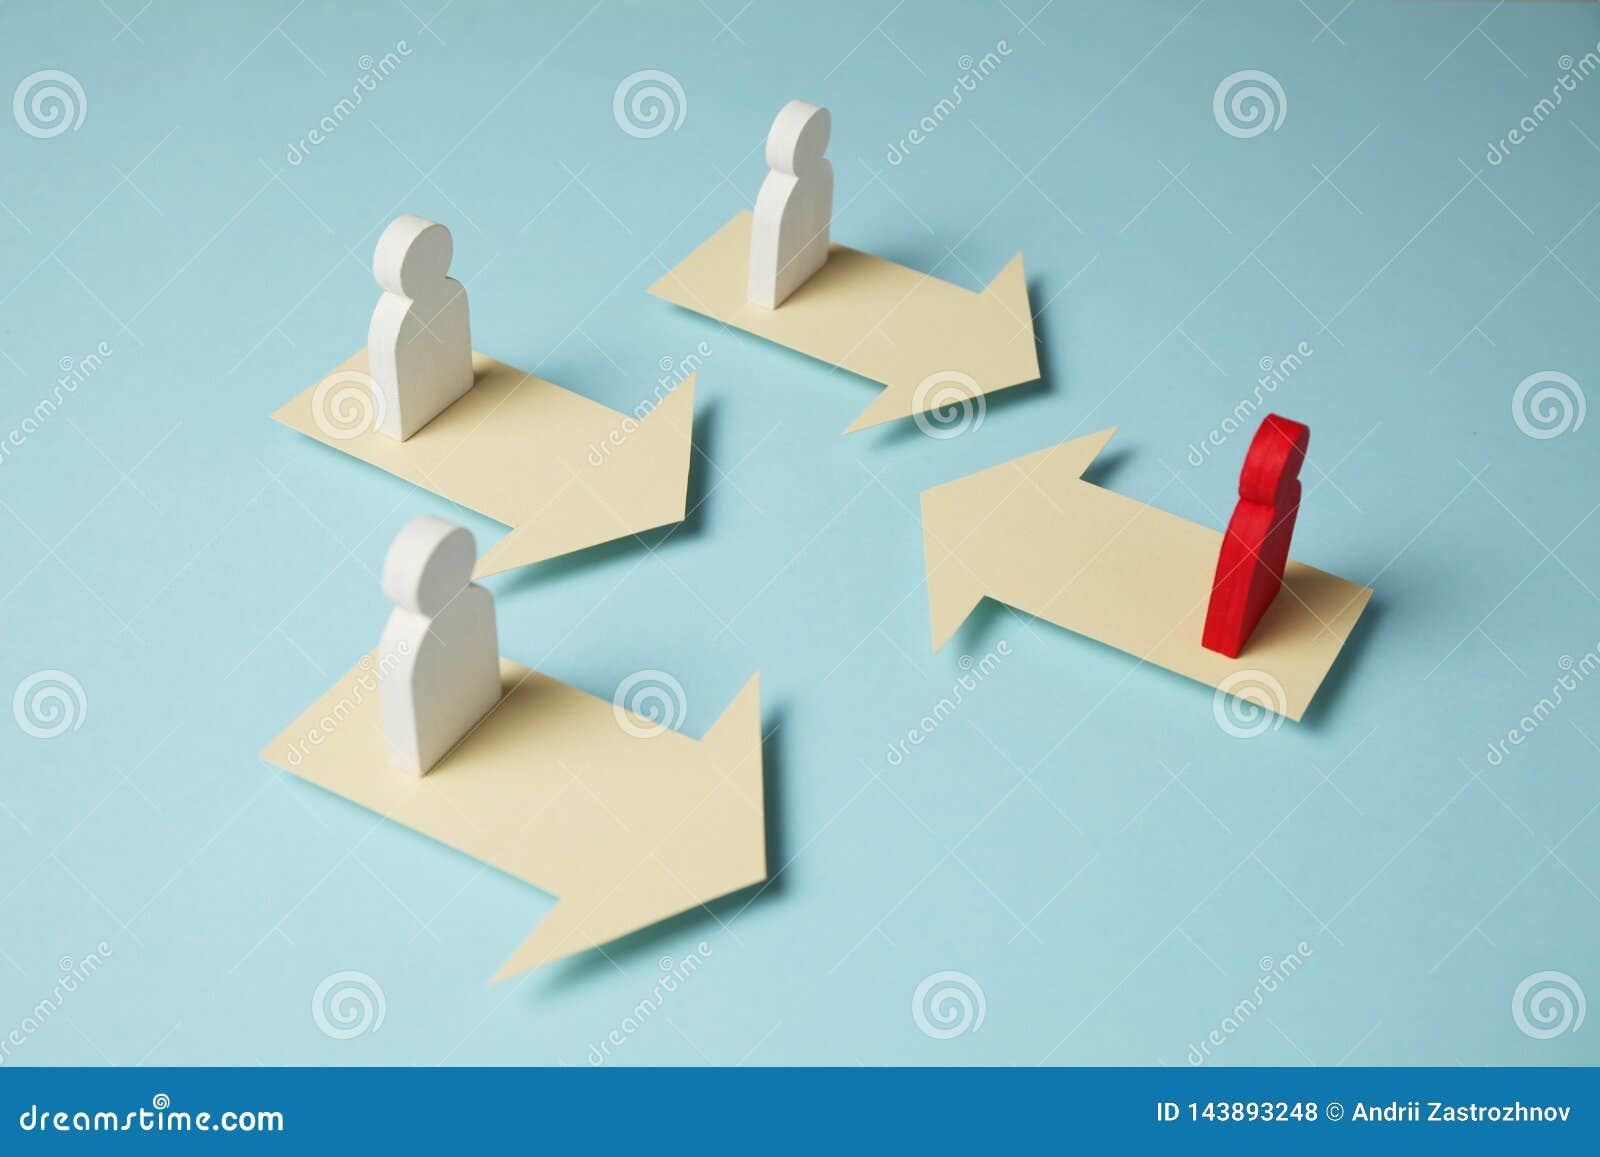 Диаграммы людей и стрелок, конфронтации в деле, схватке для успеха